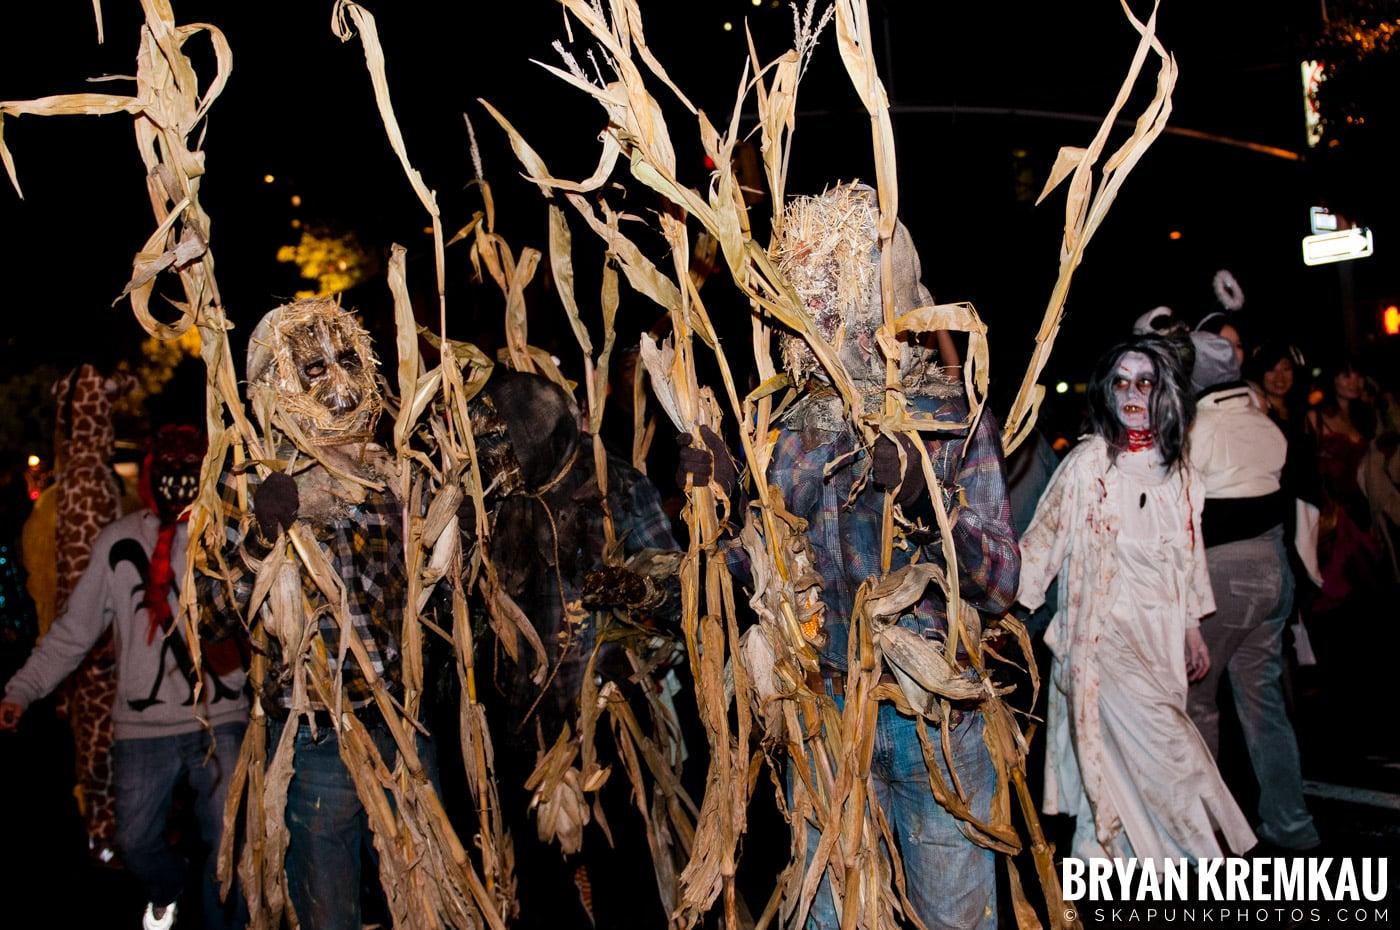 NYC Halloween Parade 2011 @ New York, NY - 10.31.11 (8)